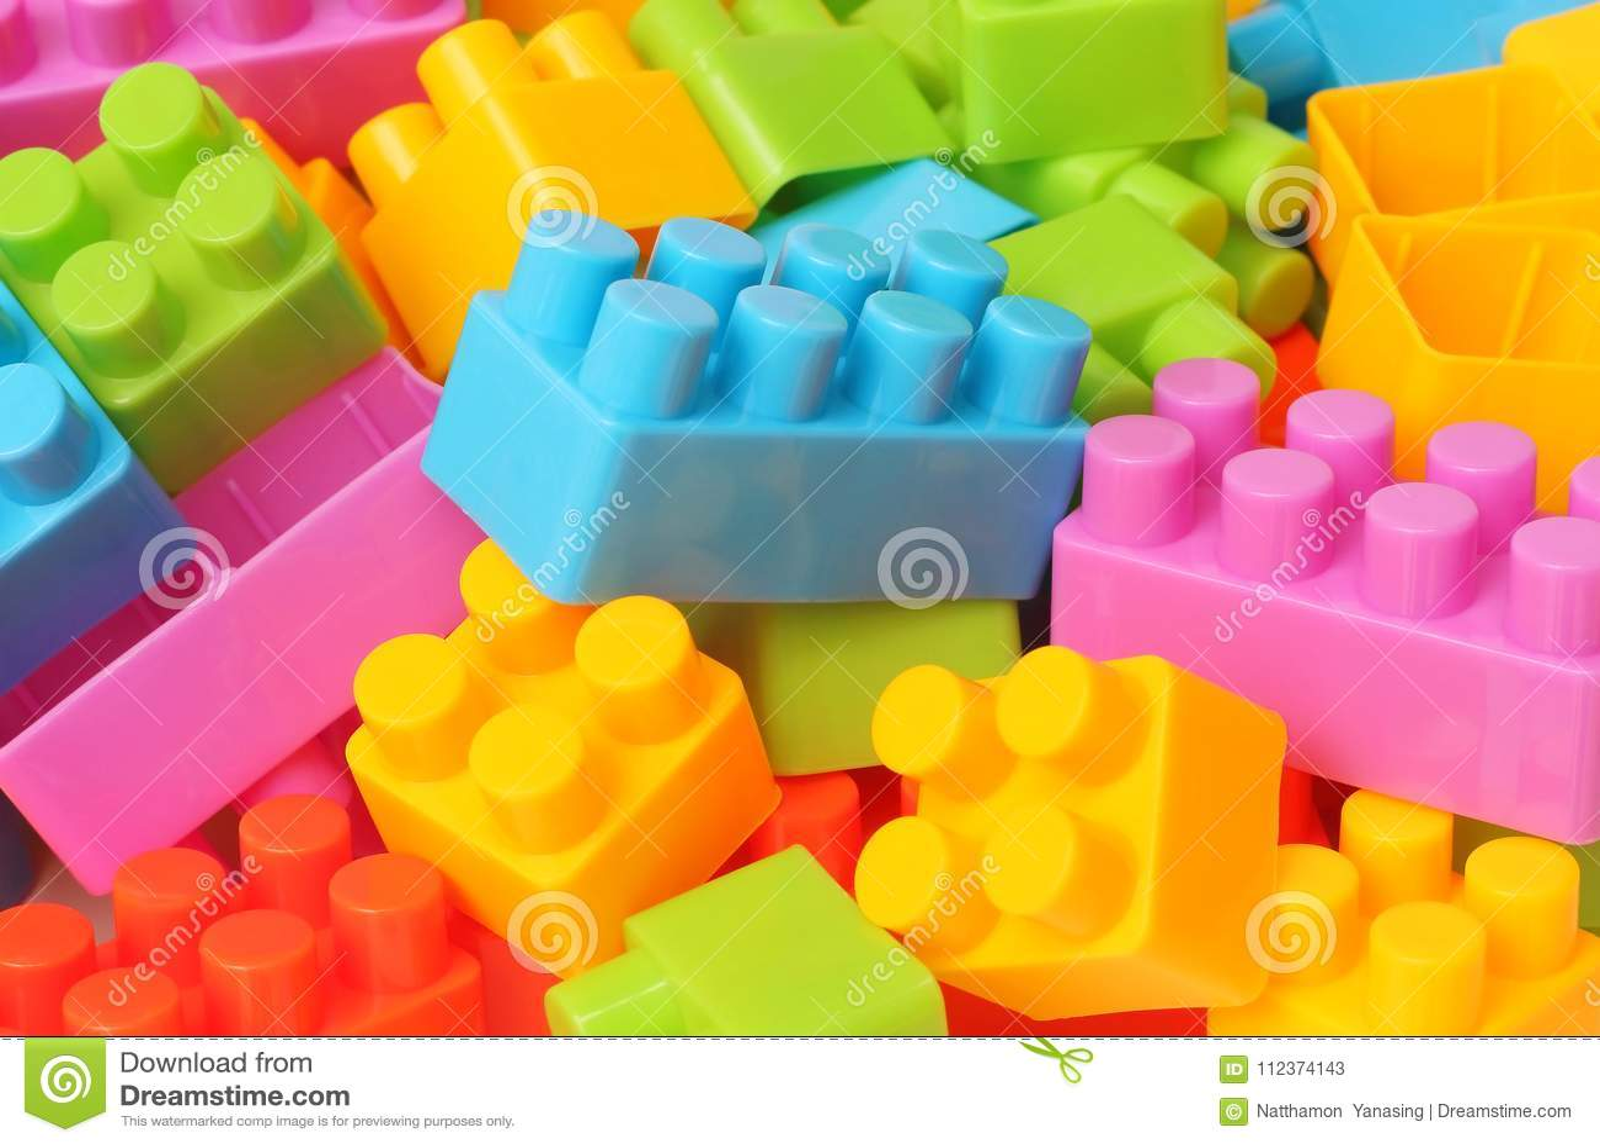 Spiksplinternieuw Plastic Stuk Speelgoed Bouwstenen Stock Afbeelding - Afbeelding VA-85